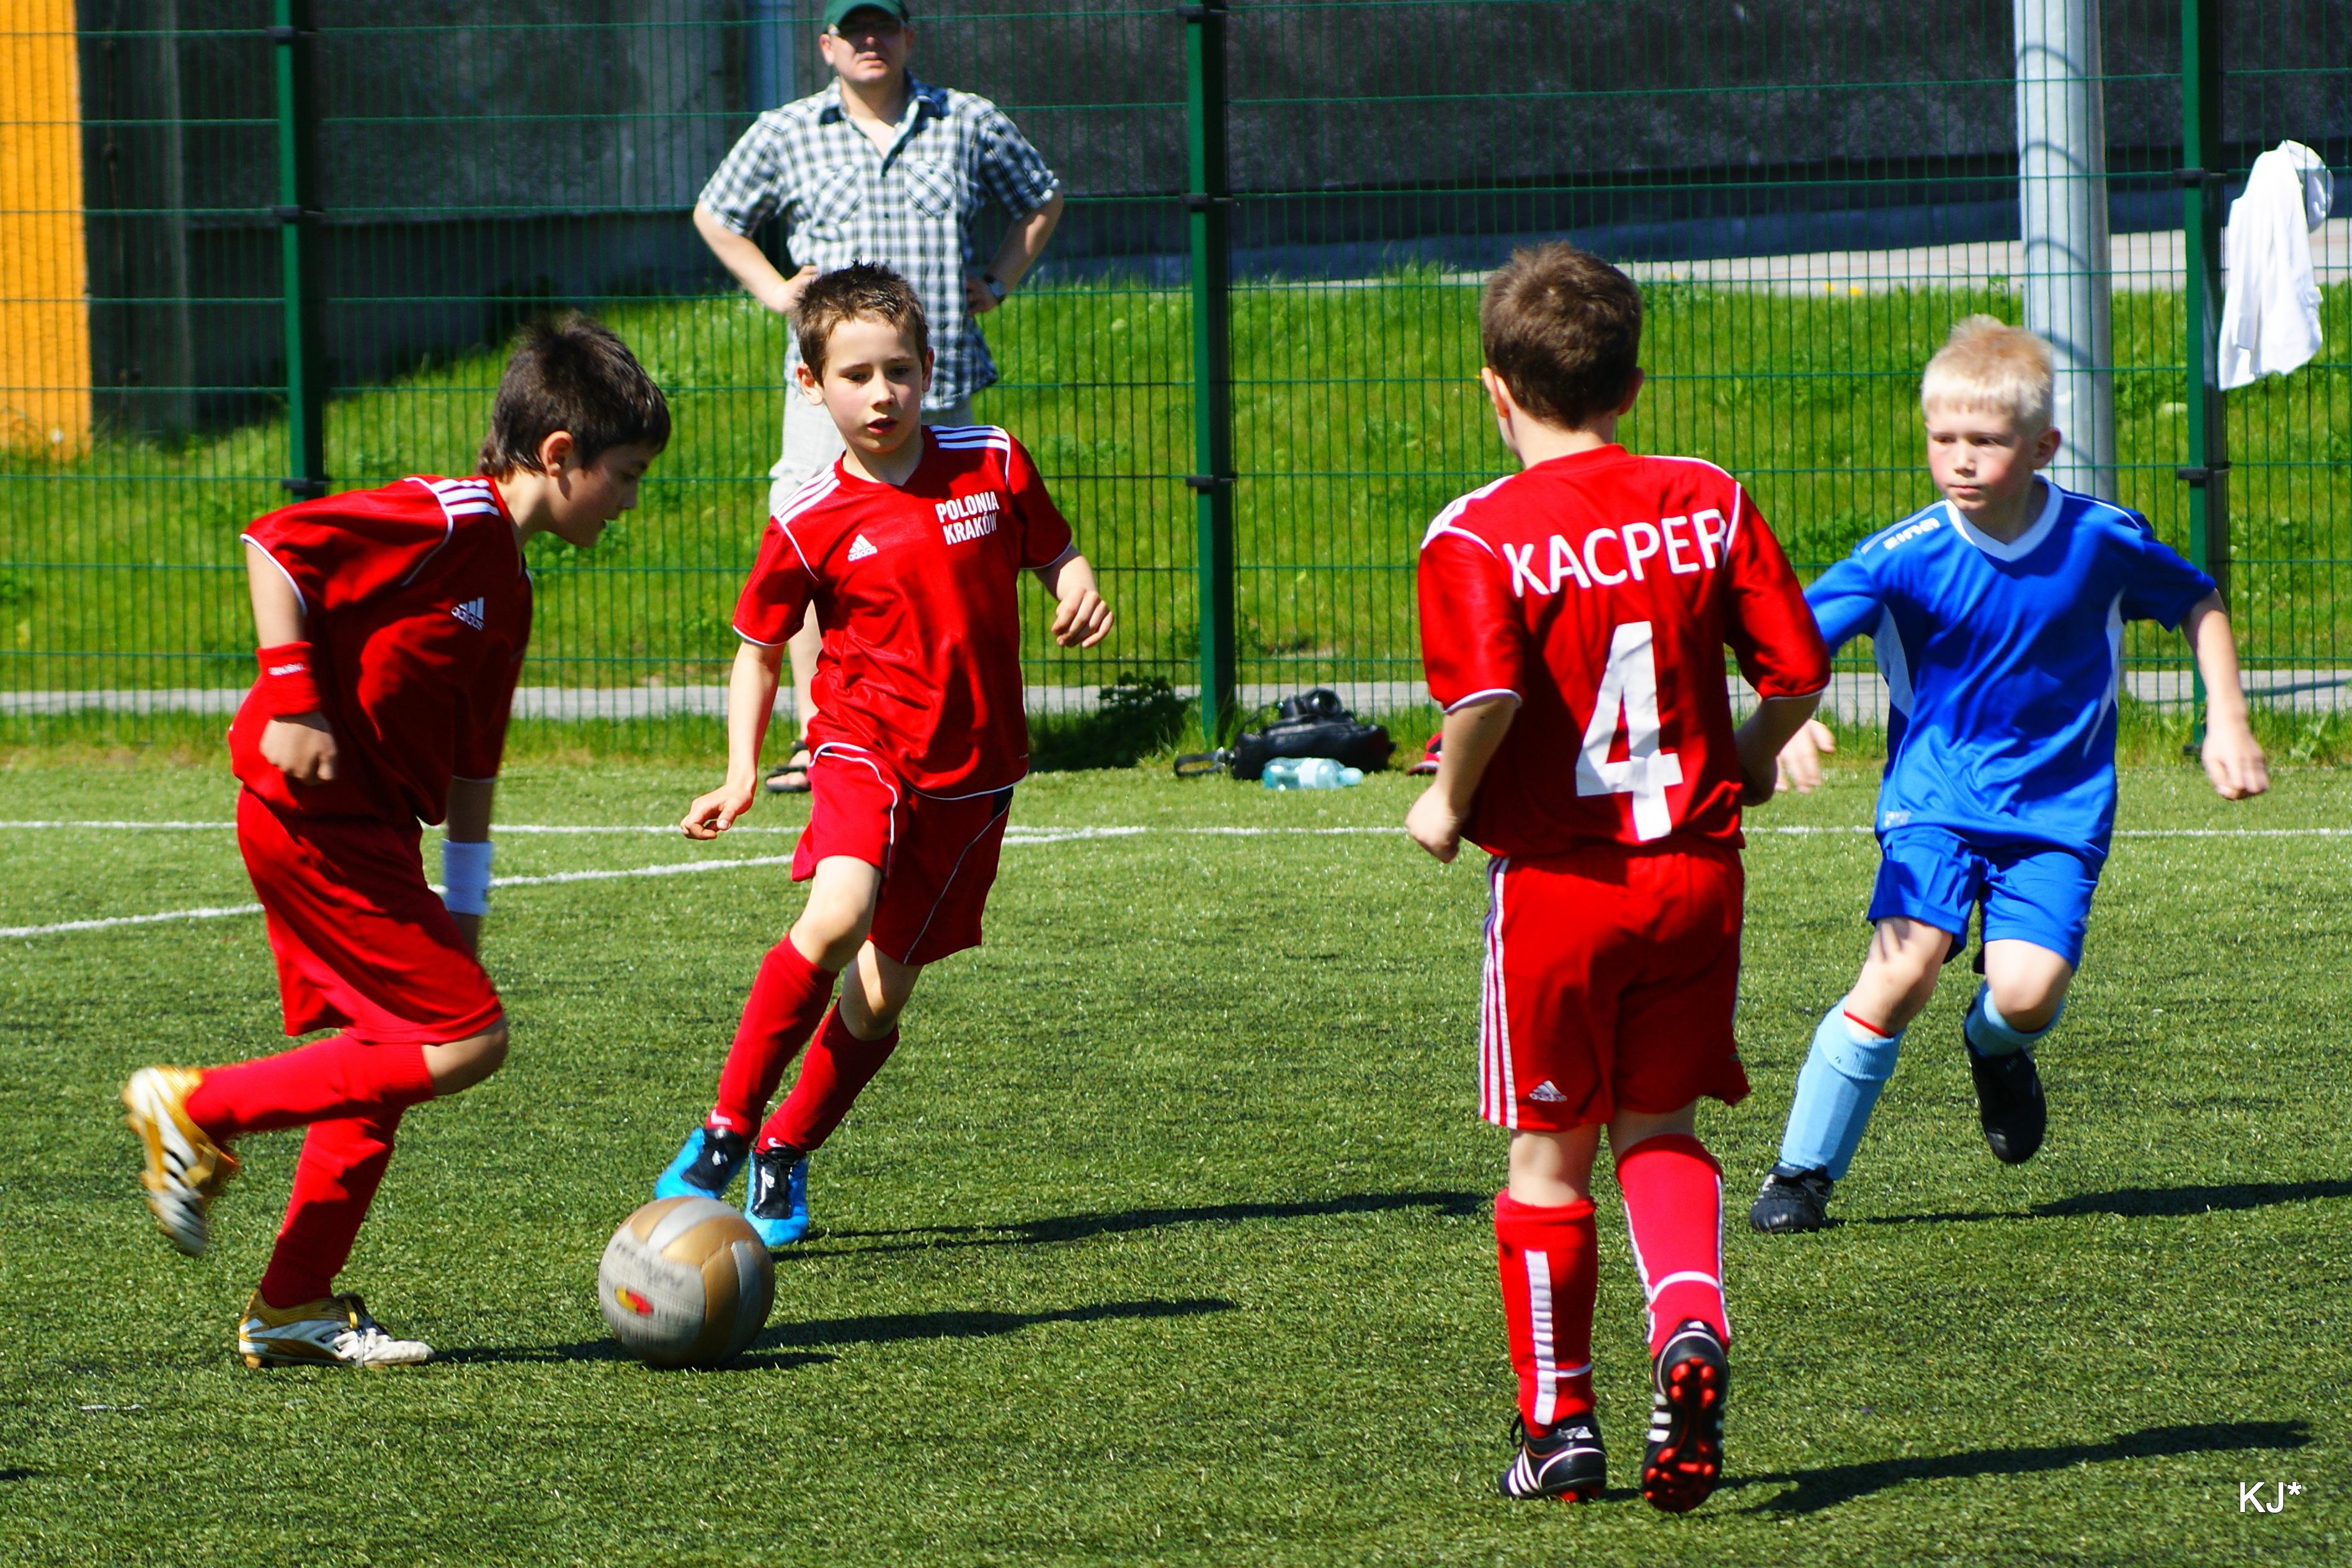 Żaki Młodsze (2007) – Powołania na ligę